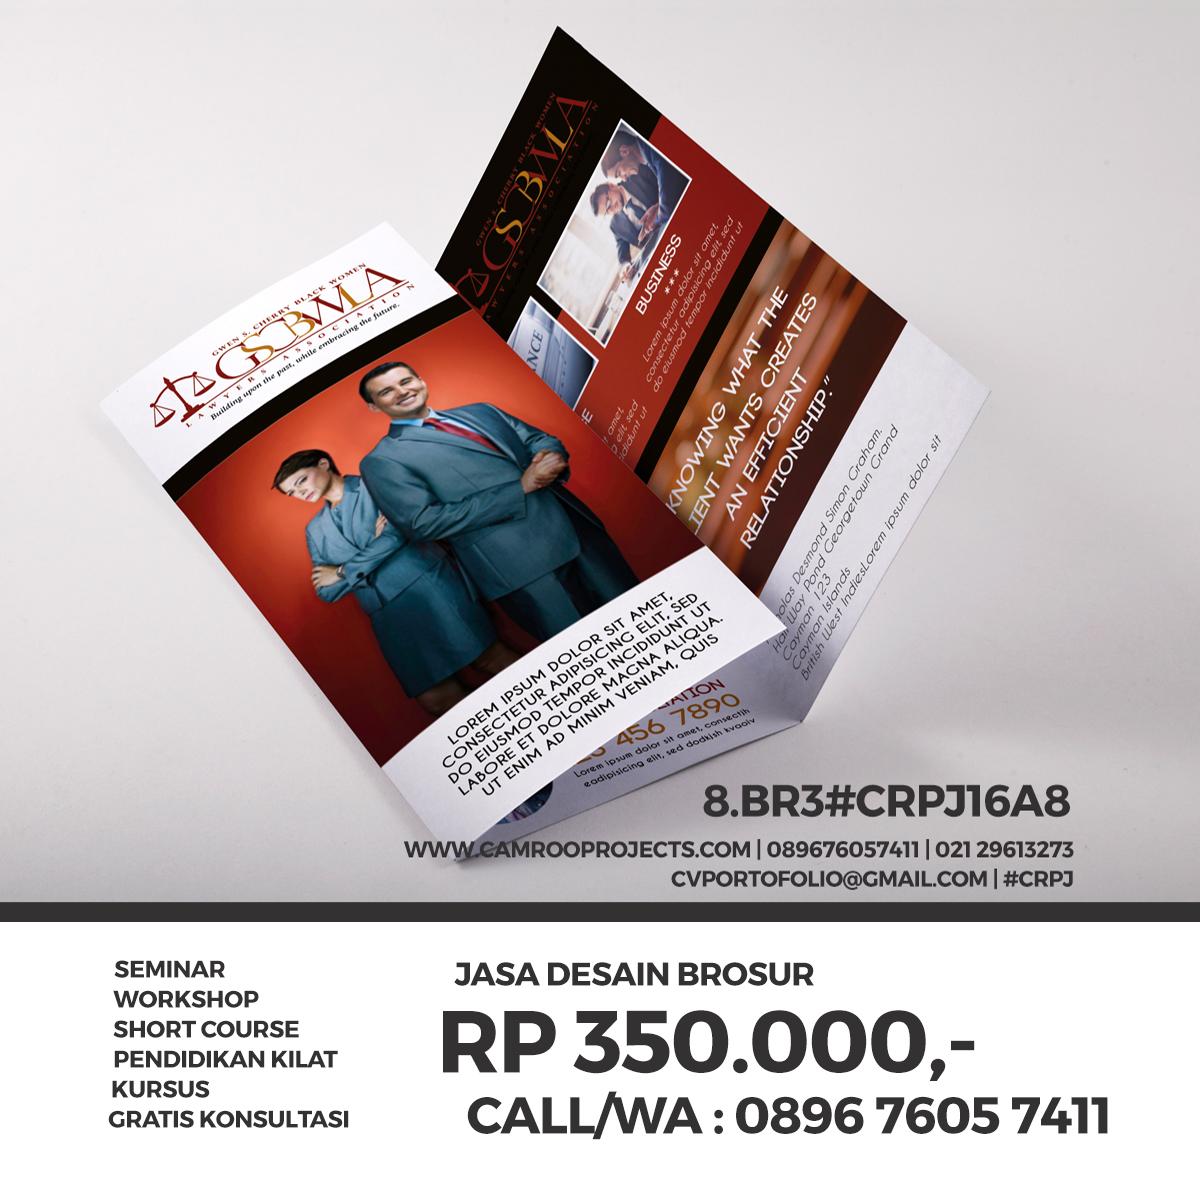 Jasa Desain spanduk di balikpapan | Call/WA 0896 760 574 11